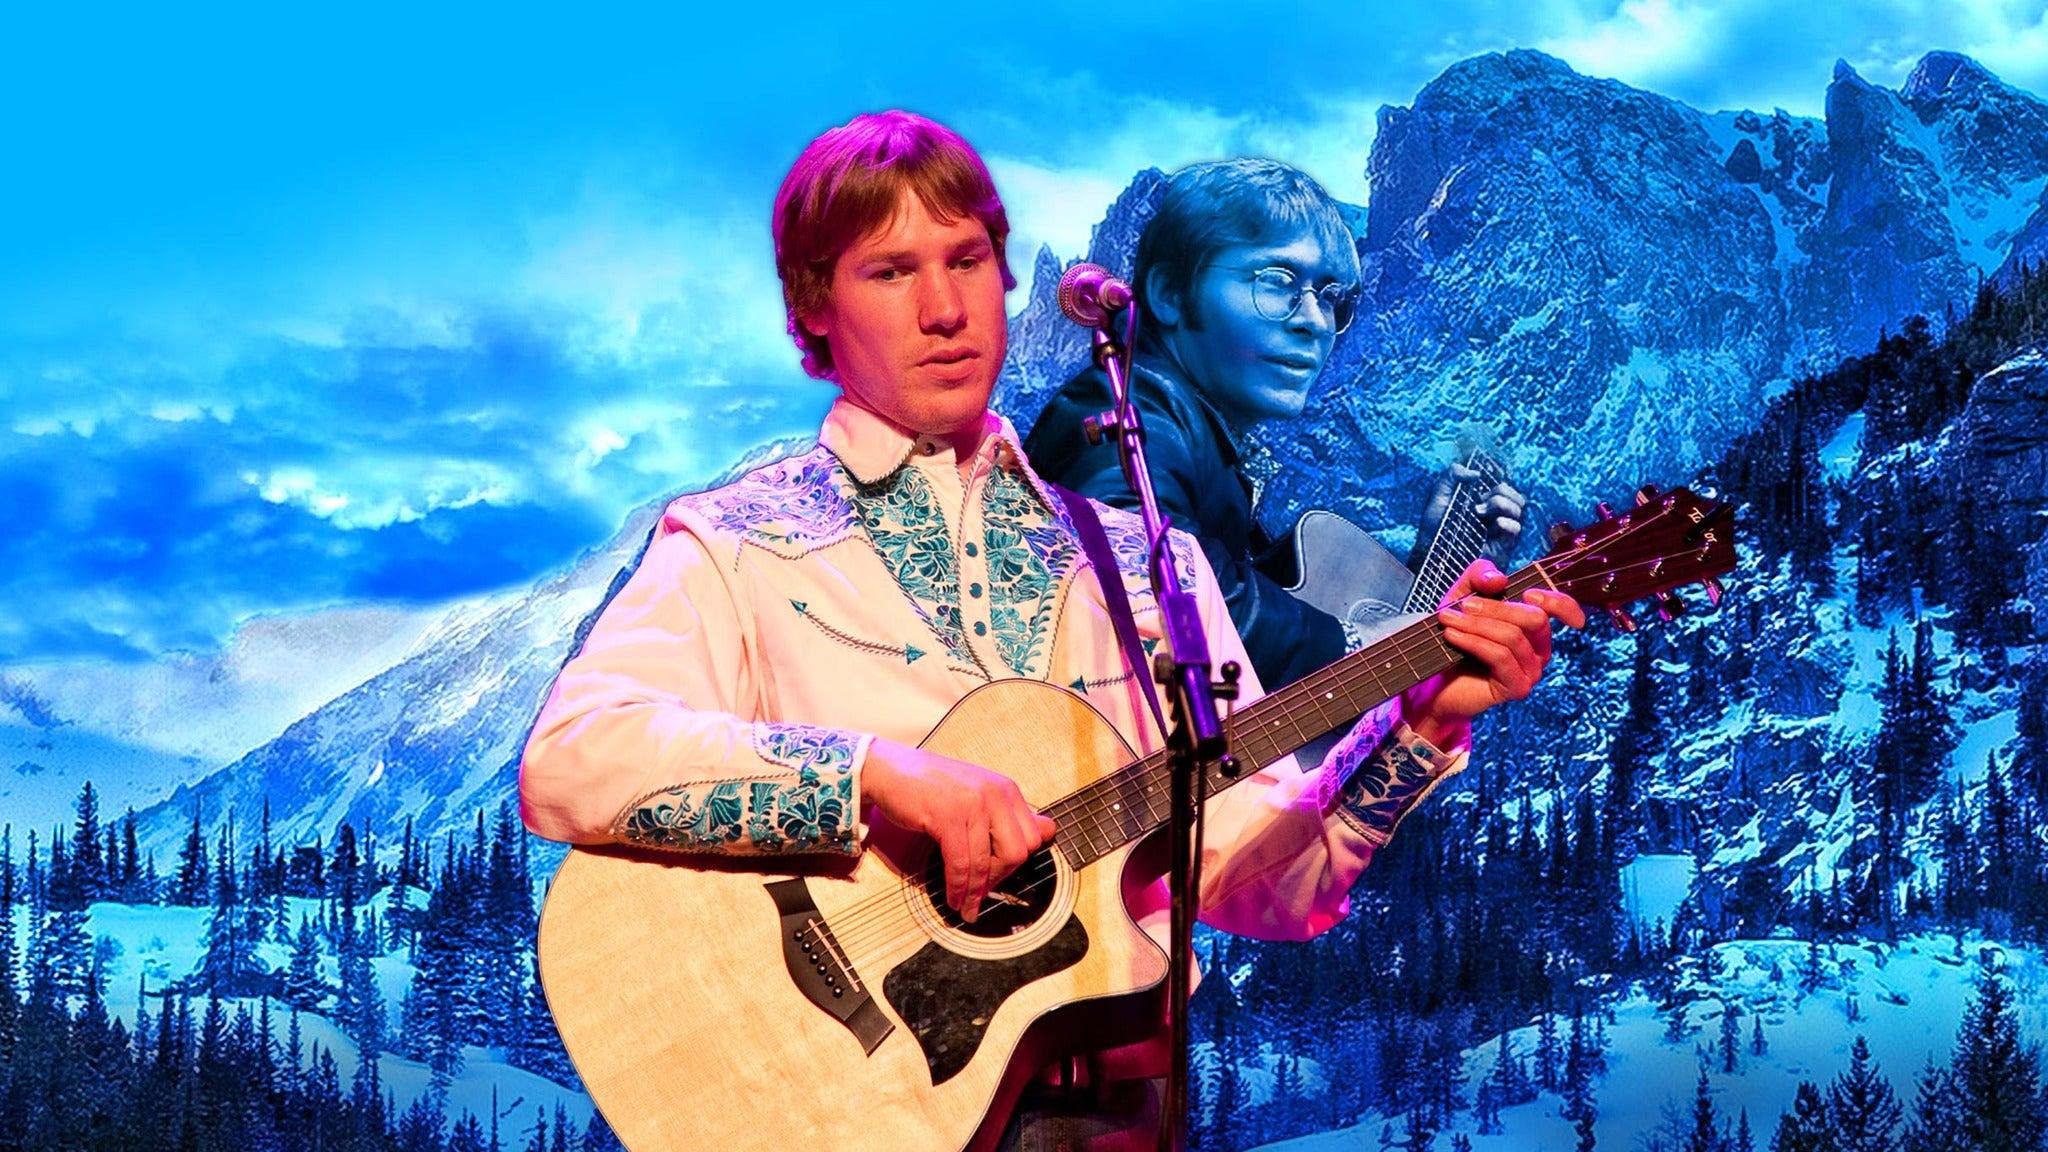 Music of John Denver